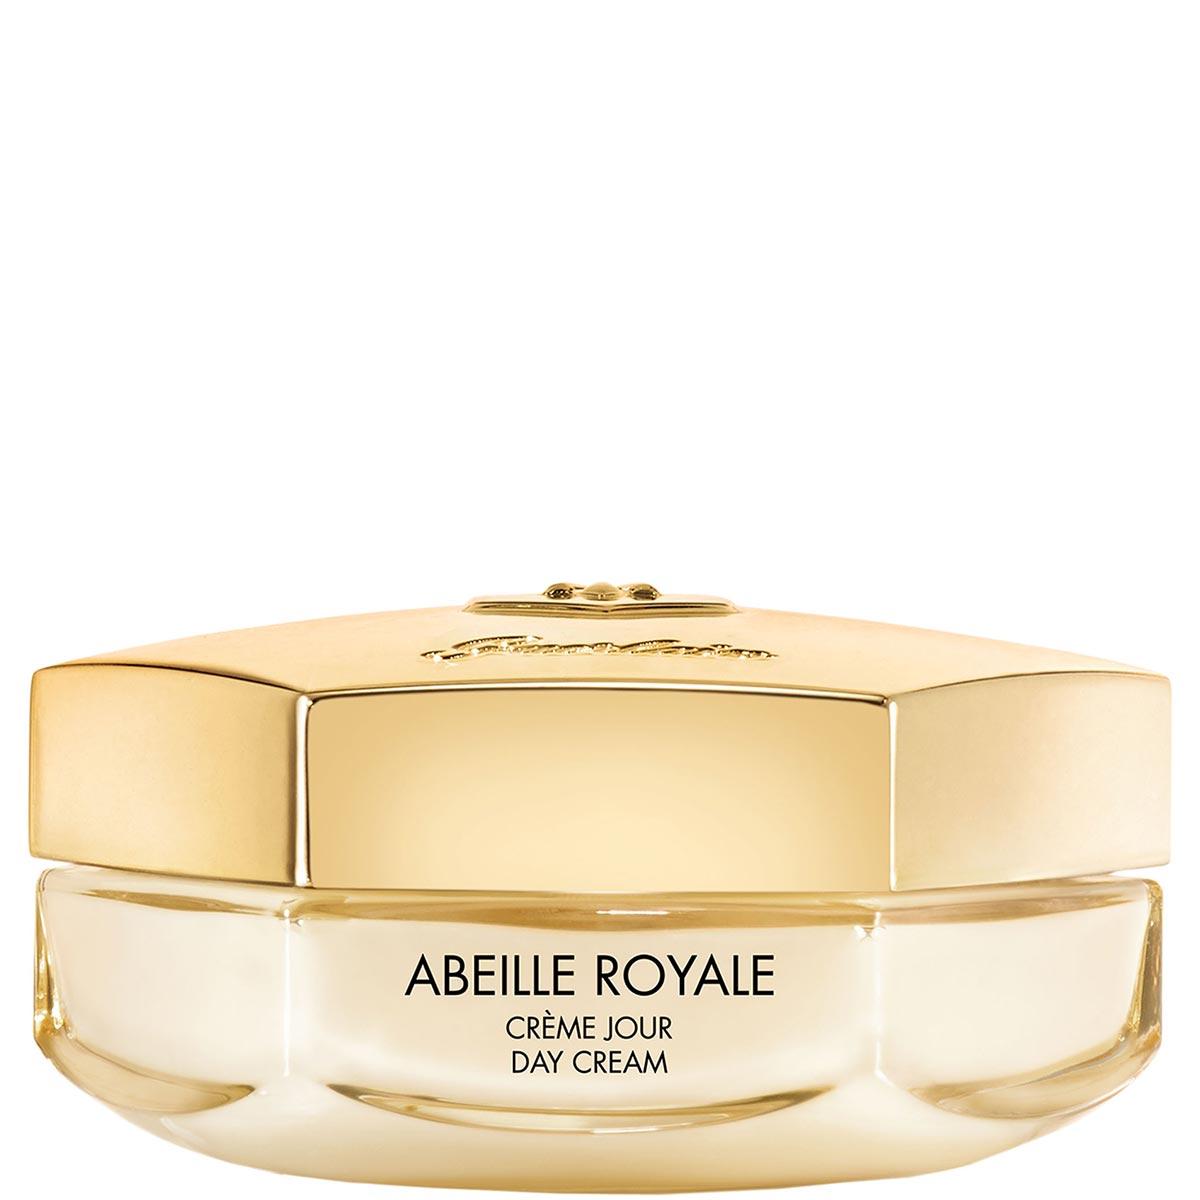 Crème Jour Abeille Royale - GUERLAIN